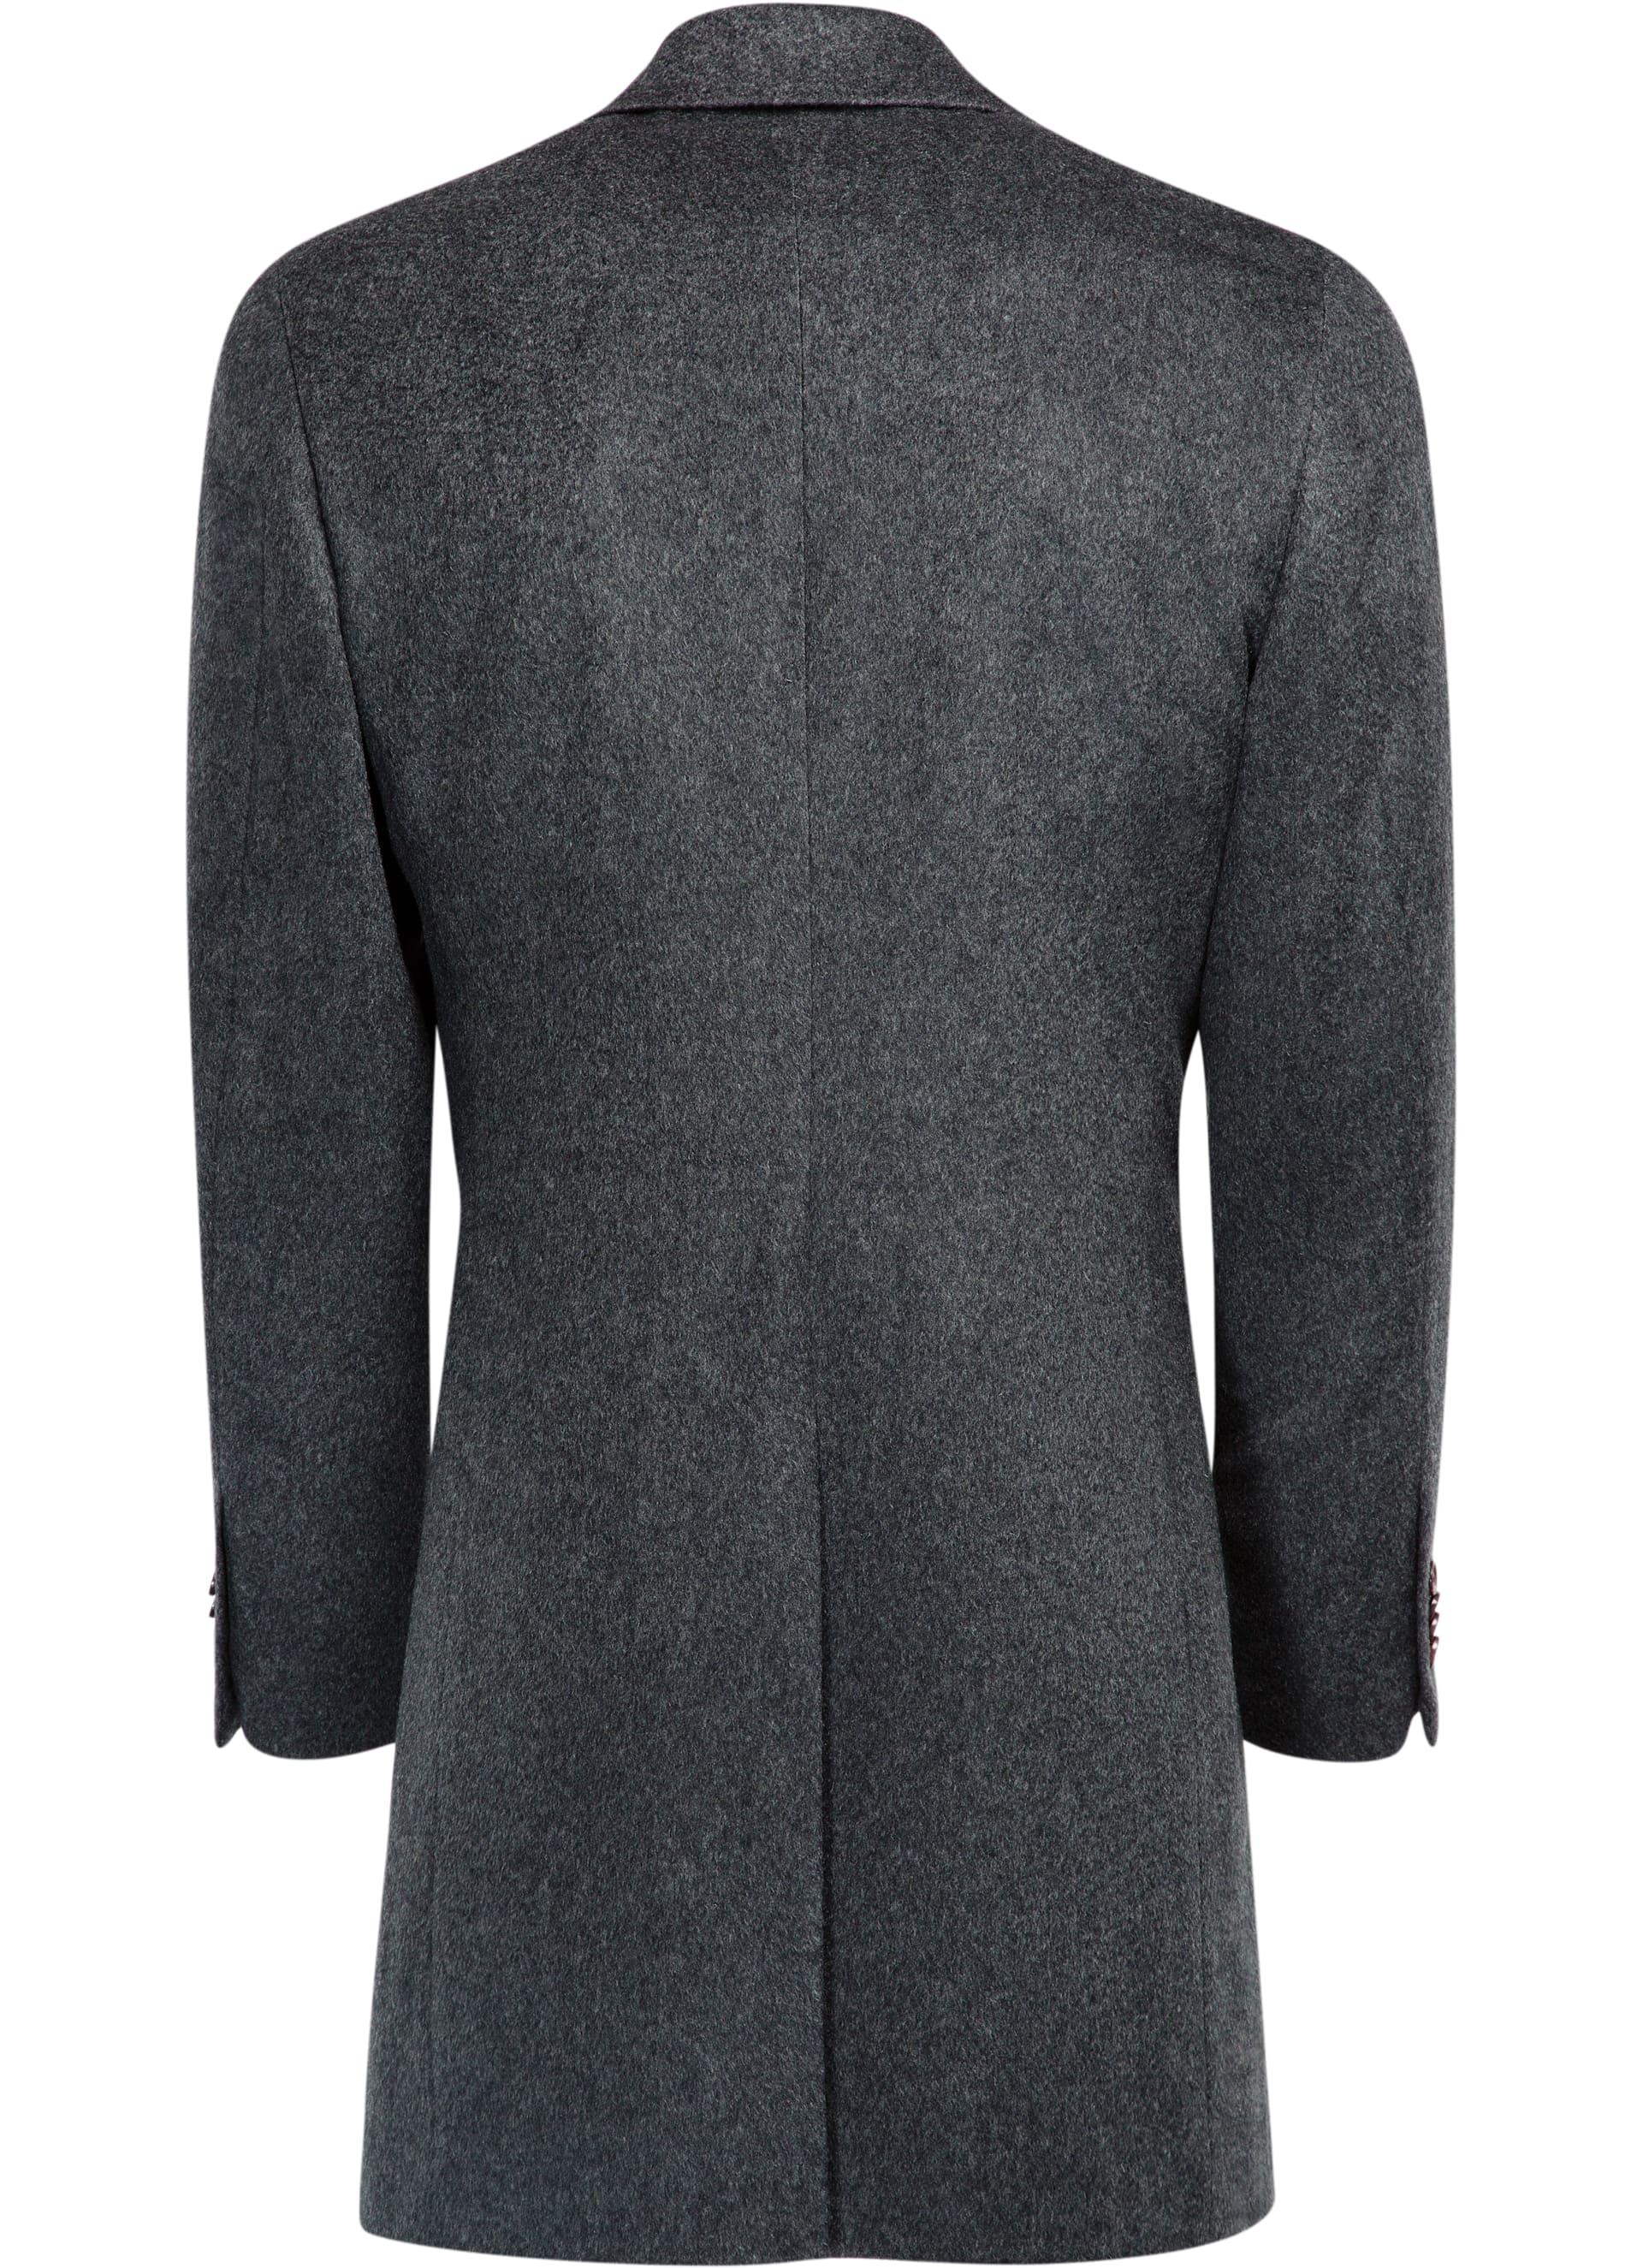 Overcoat online